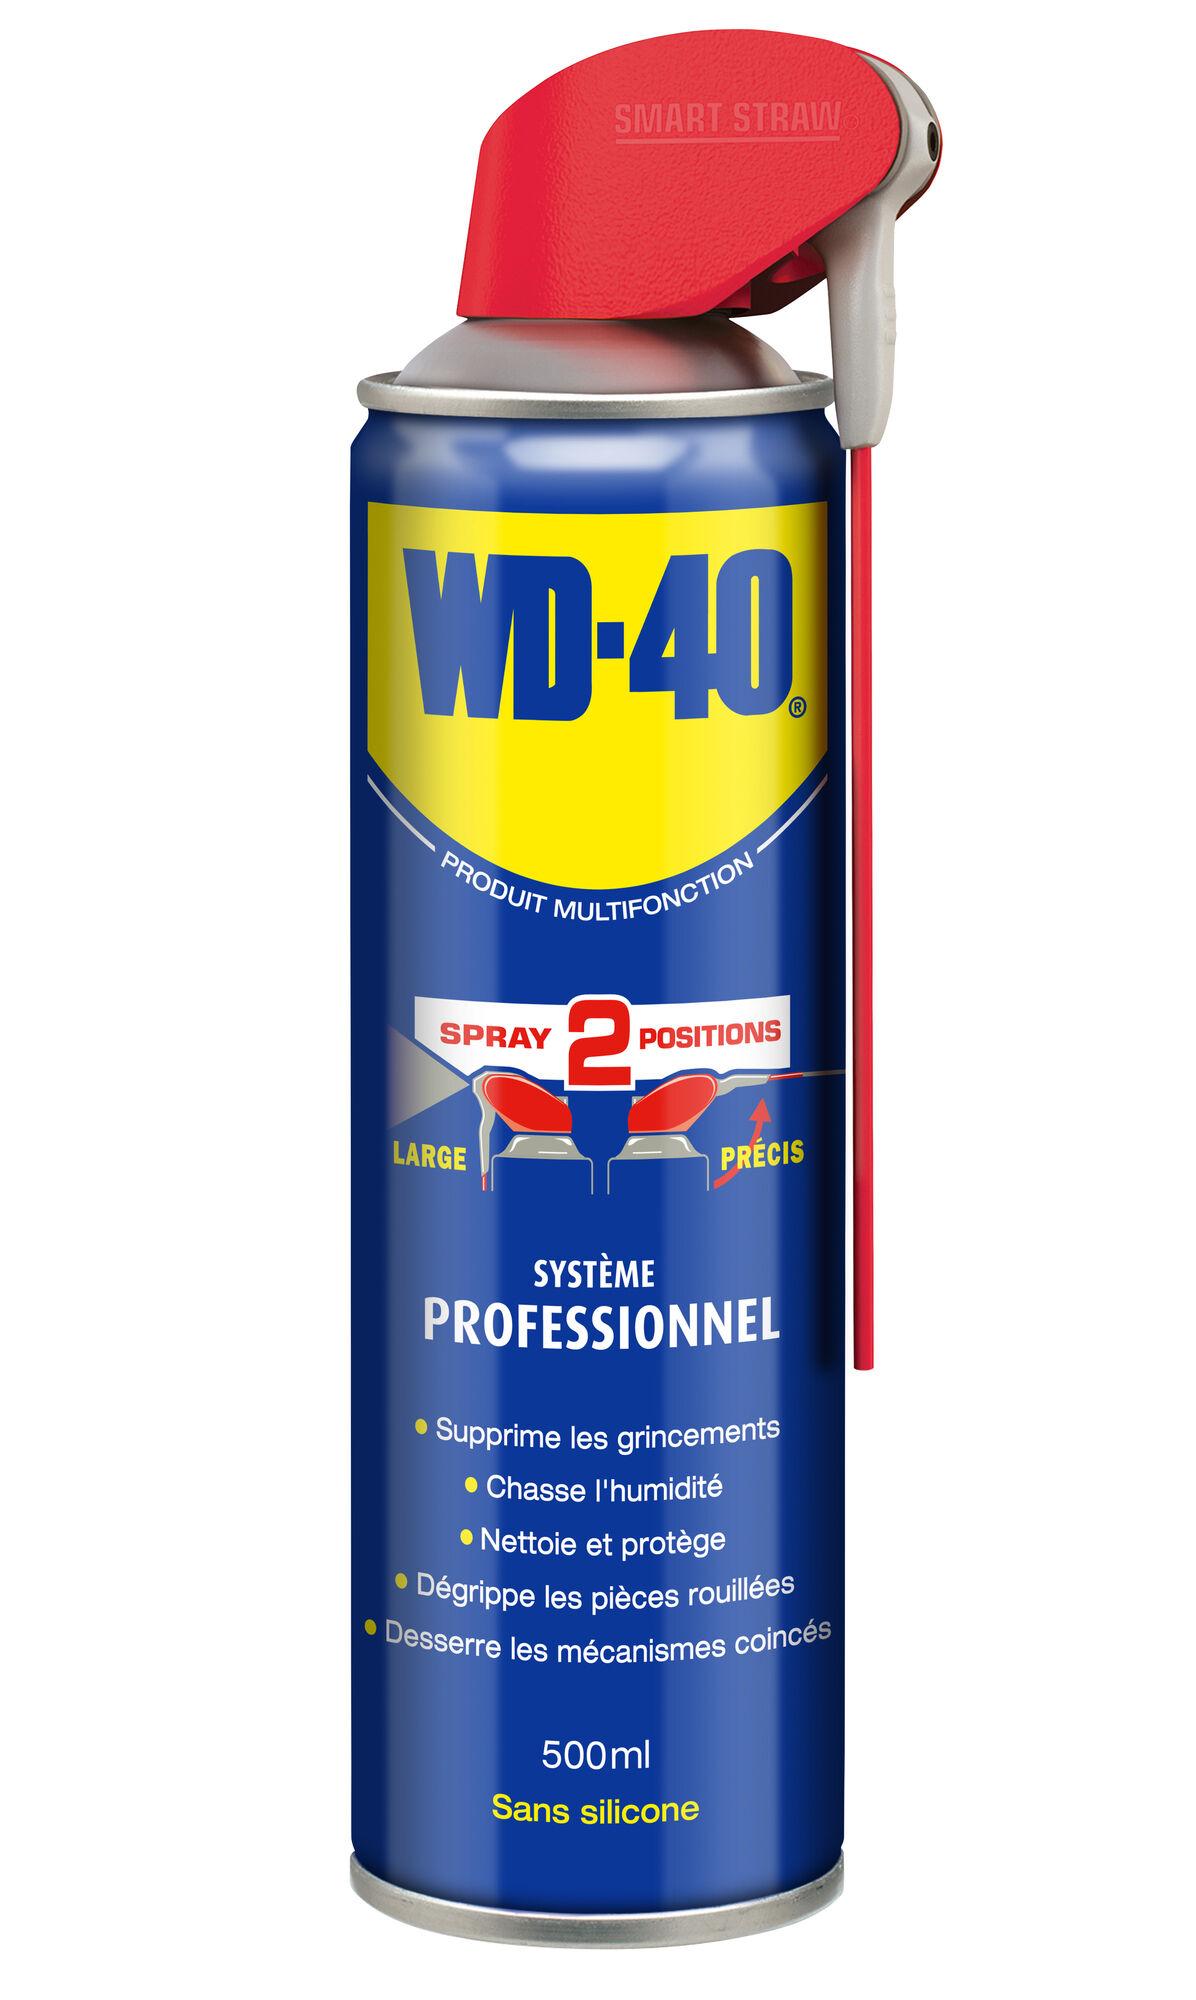 WD-40 PRODUIT MULTIFONCTION Dégrippant multi-usage aérosol 200ml - WD-40 - 33002